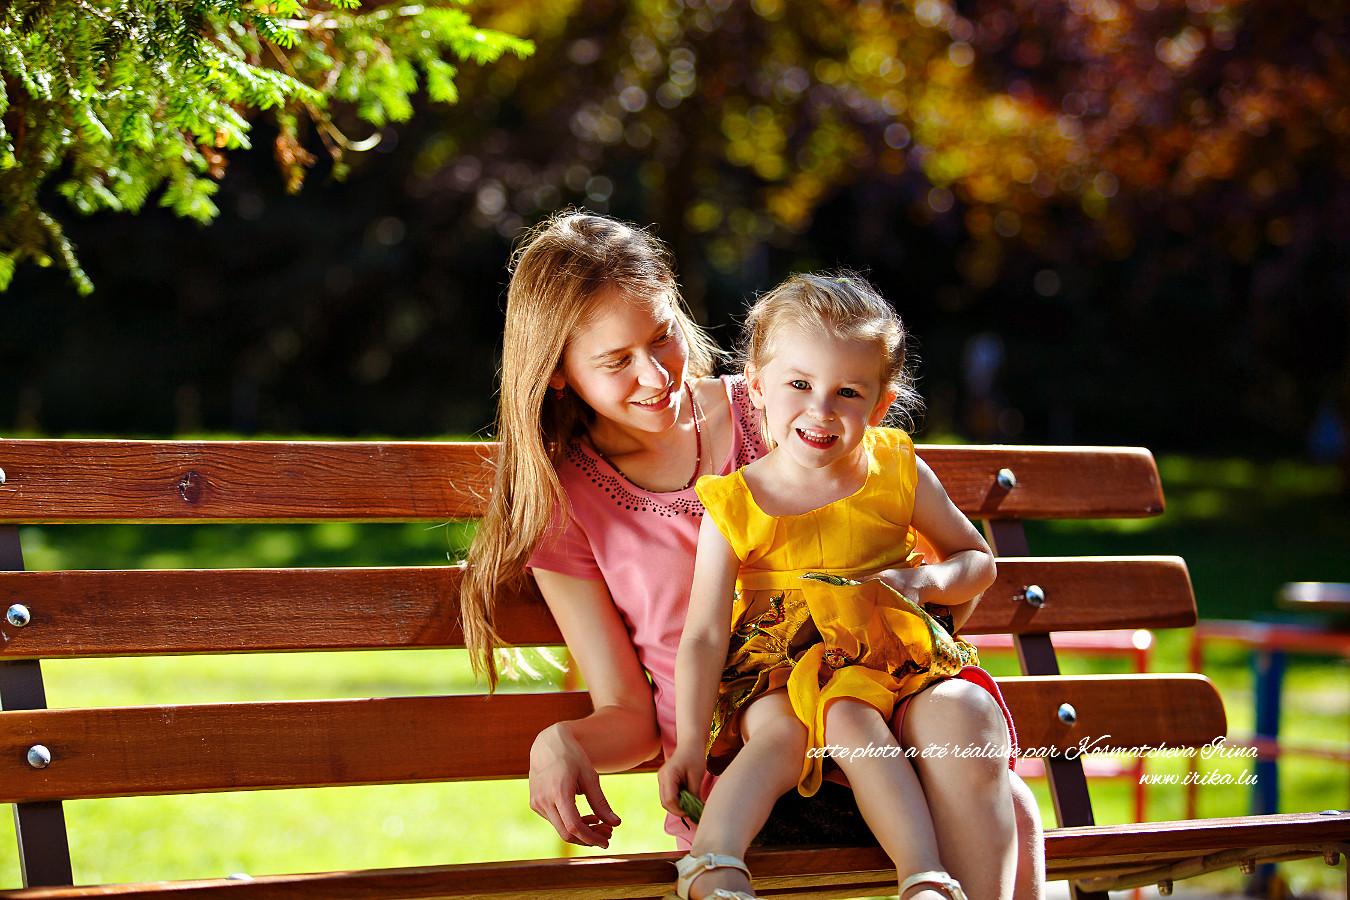 Photo classique d'une mère et sa fille